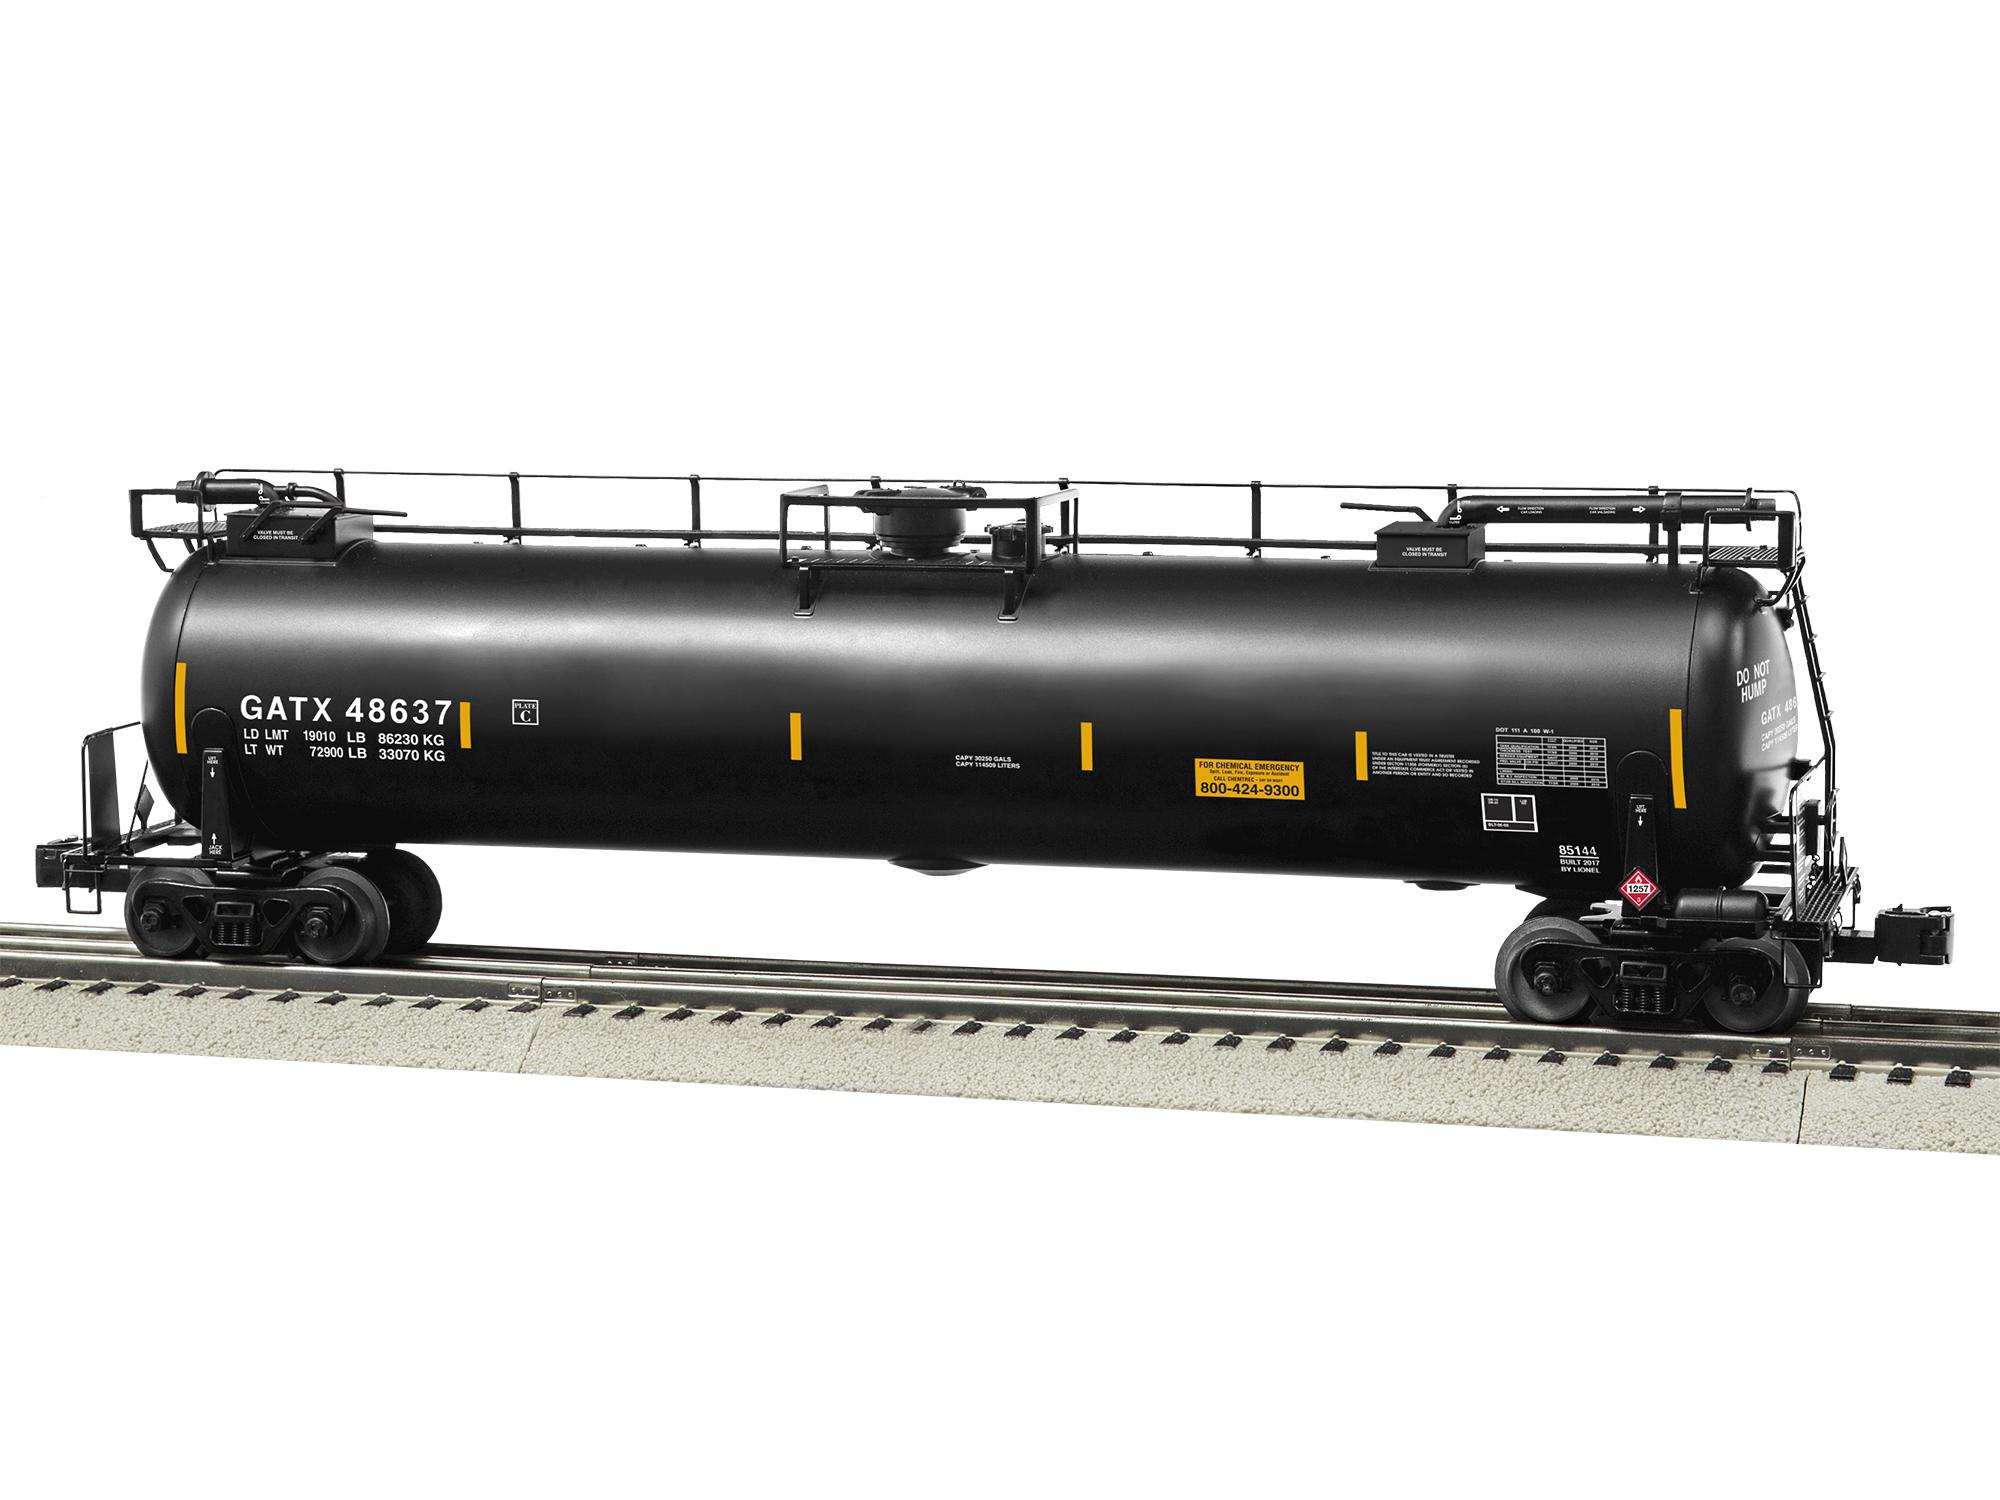 gatx tanktrain intermediate car 48637 black rh lionel com Rail Tank Car Types Pressurized Rail Tank Car